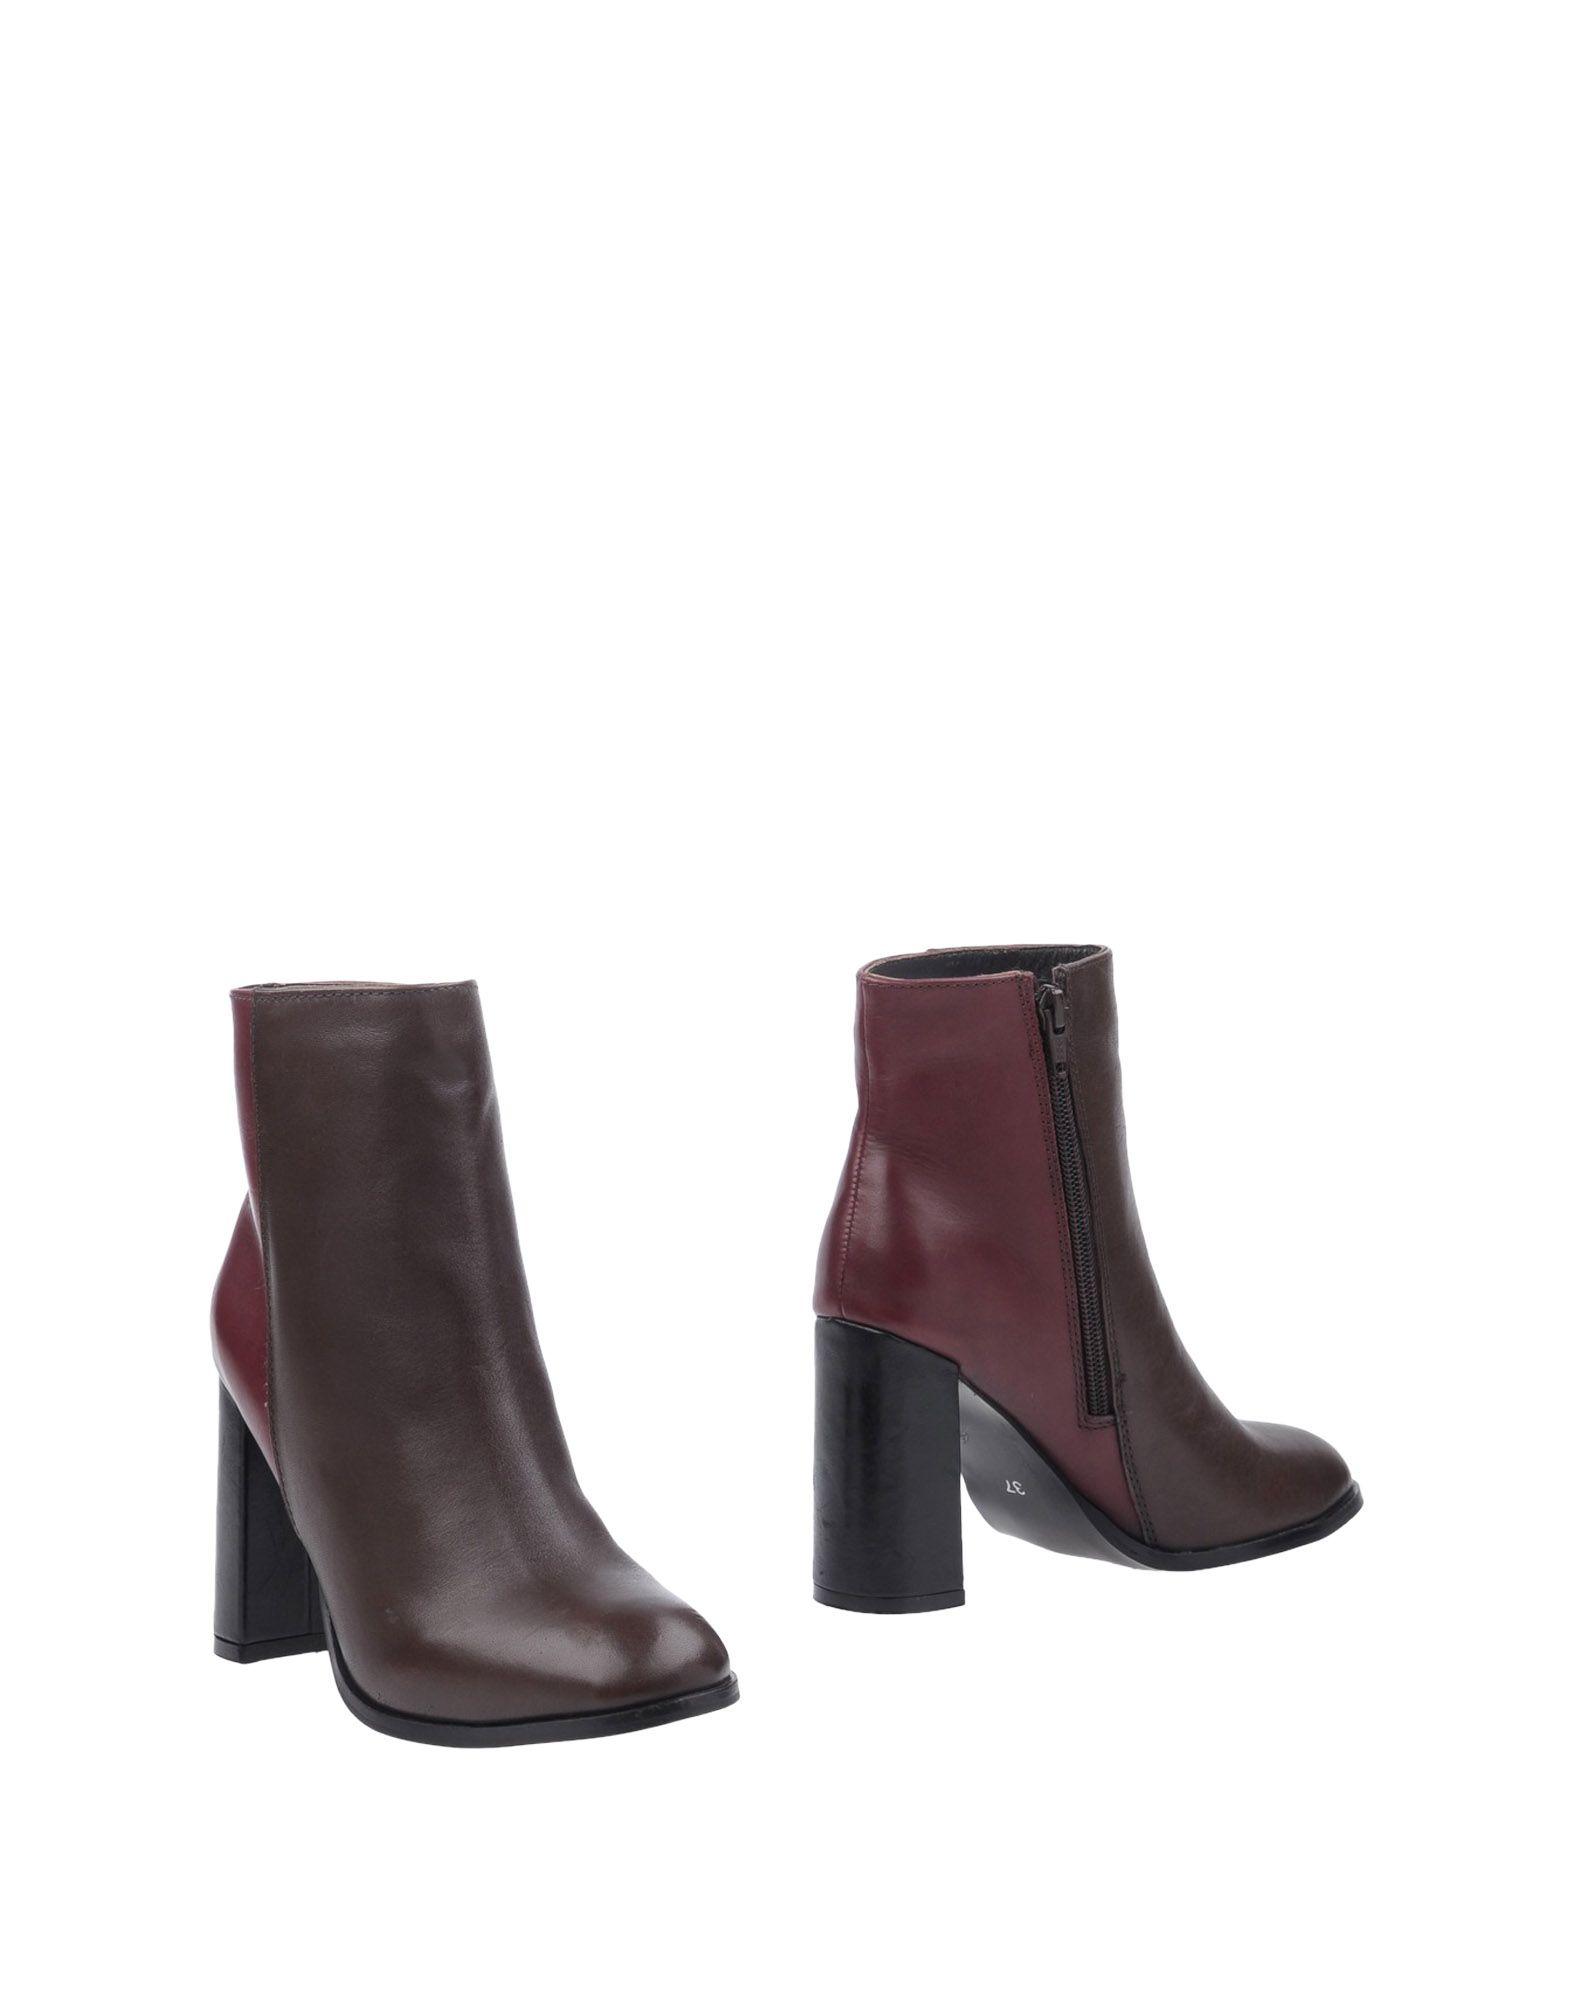 Stefanel Stiefelette Damen  11314544DX Gute Qualität beliebte Schuhe